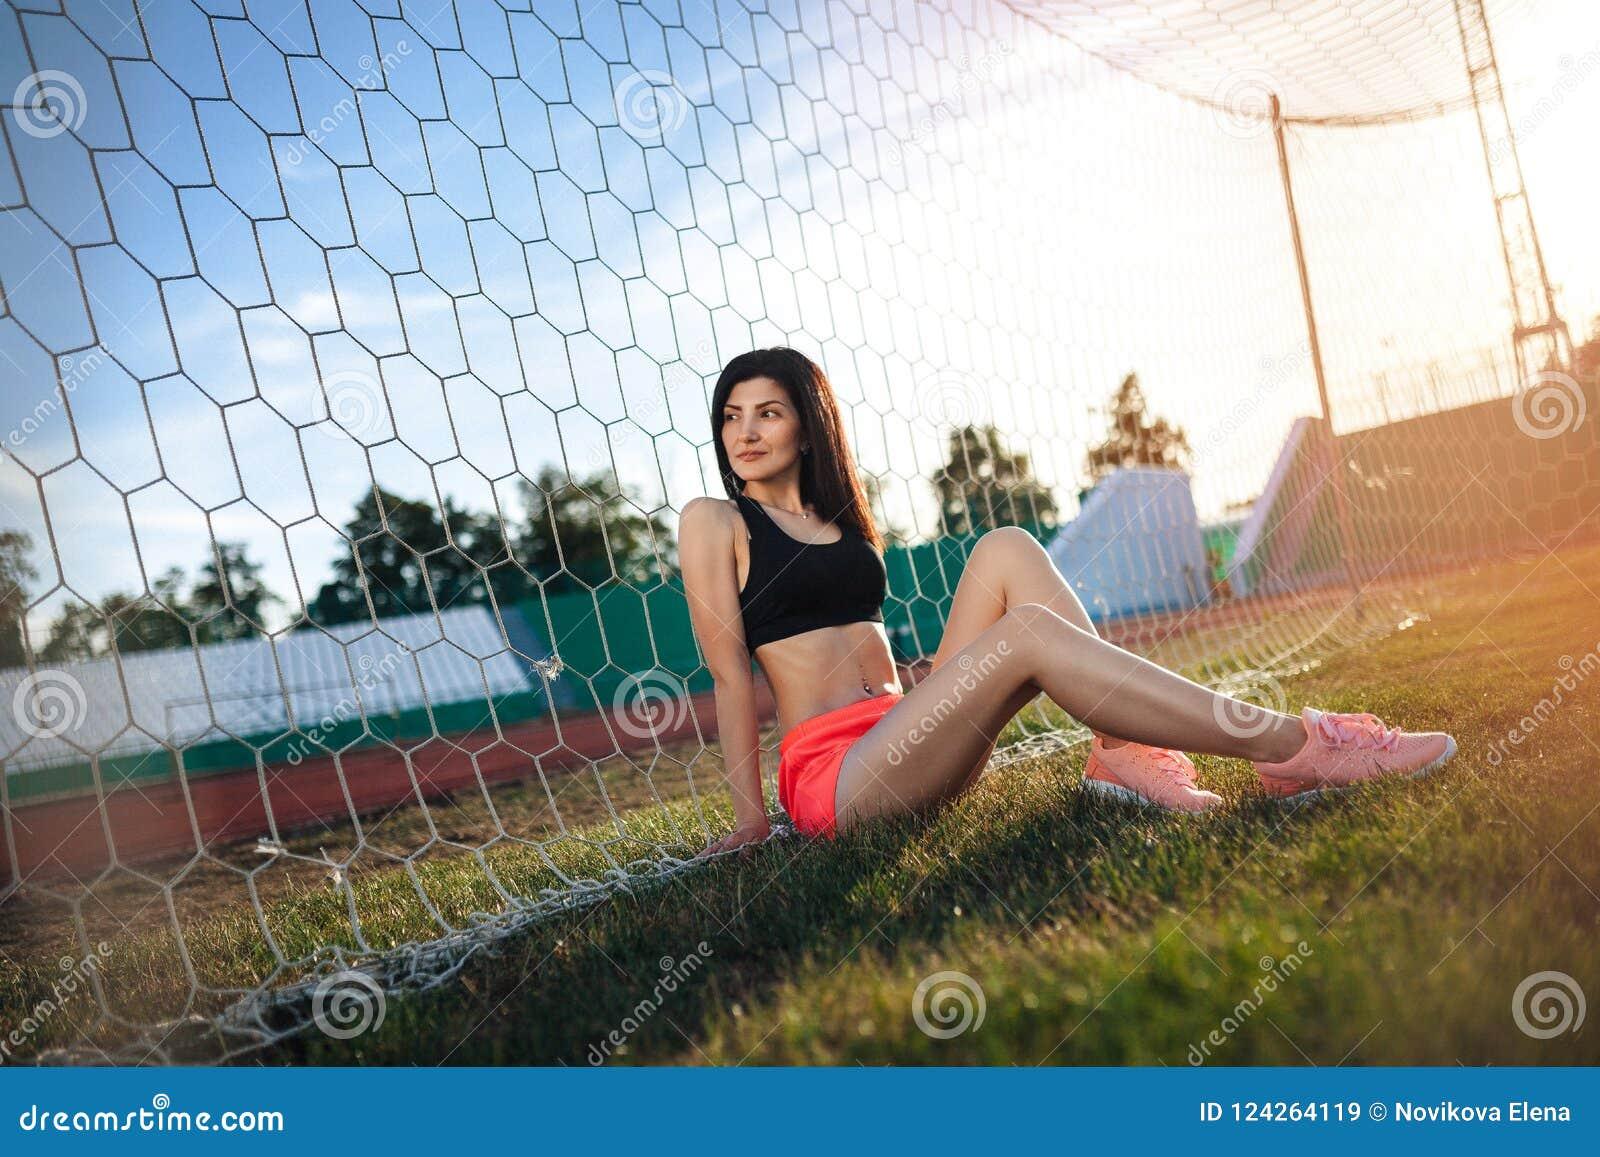 Молодая девушка сексуальная девушка — photo 15